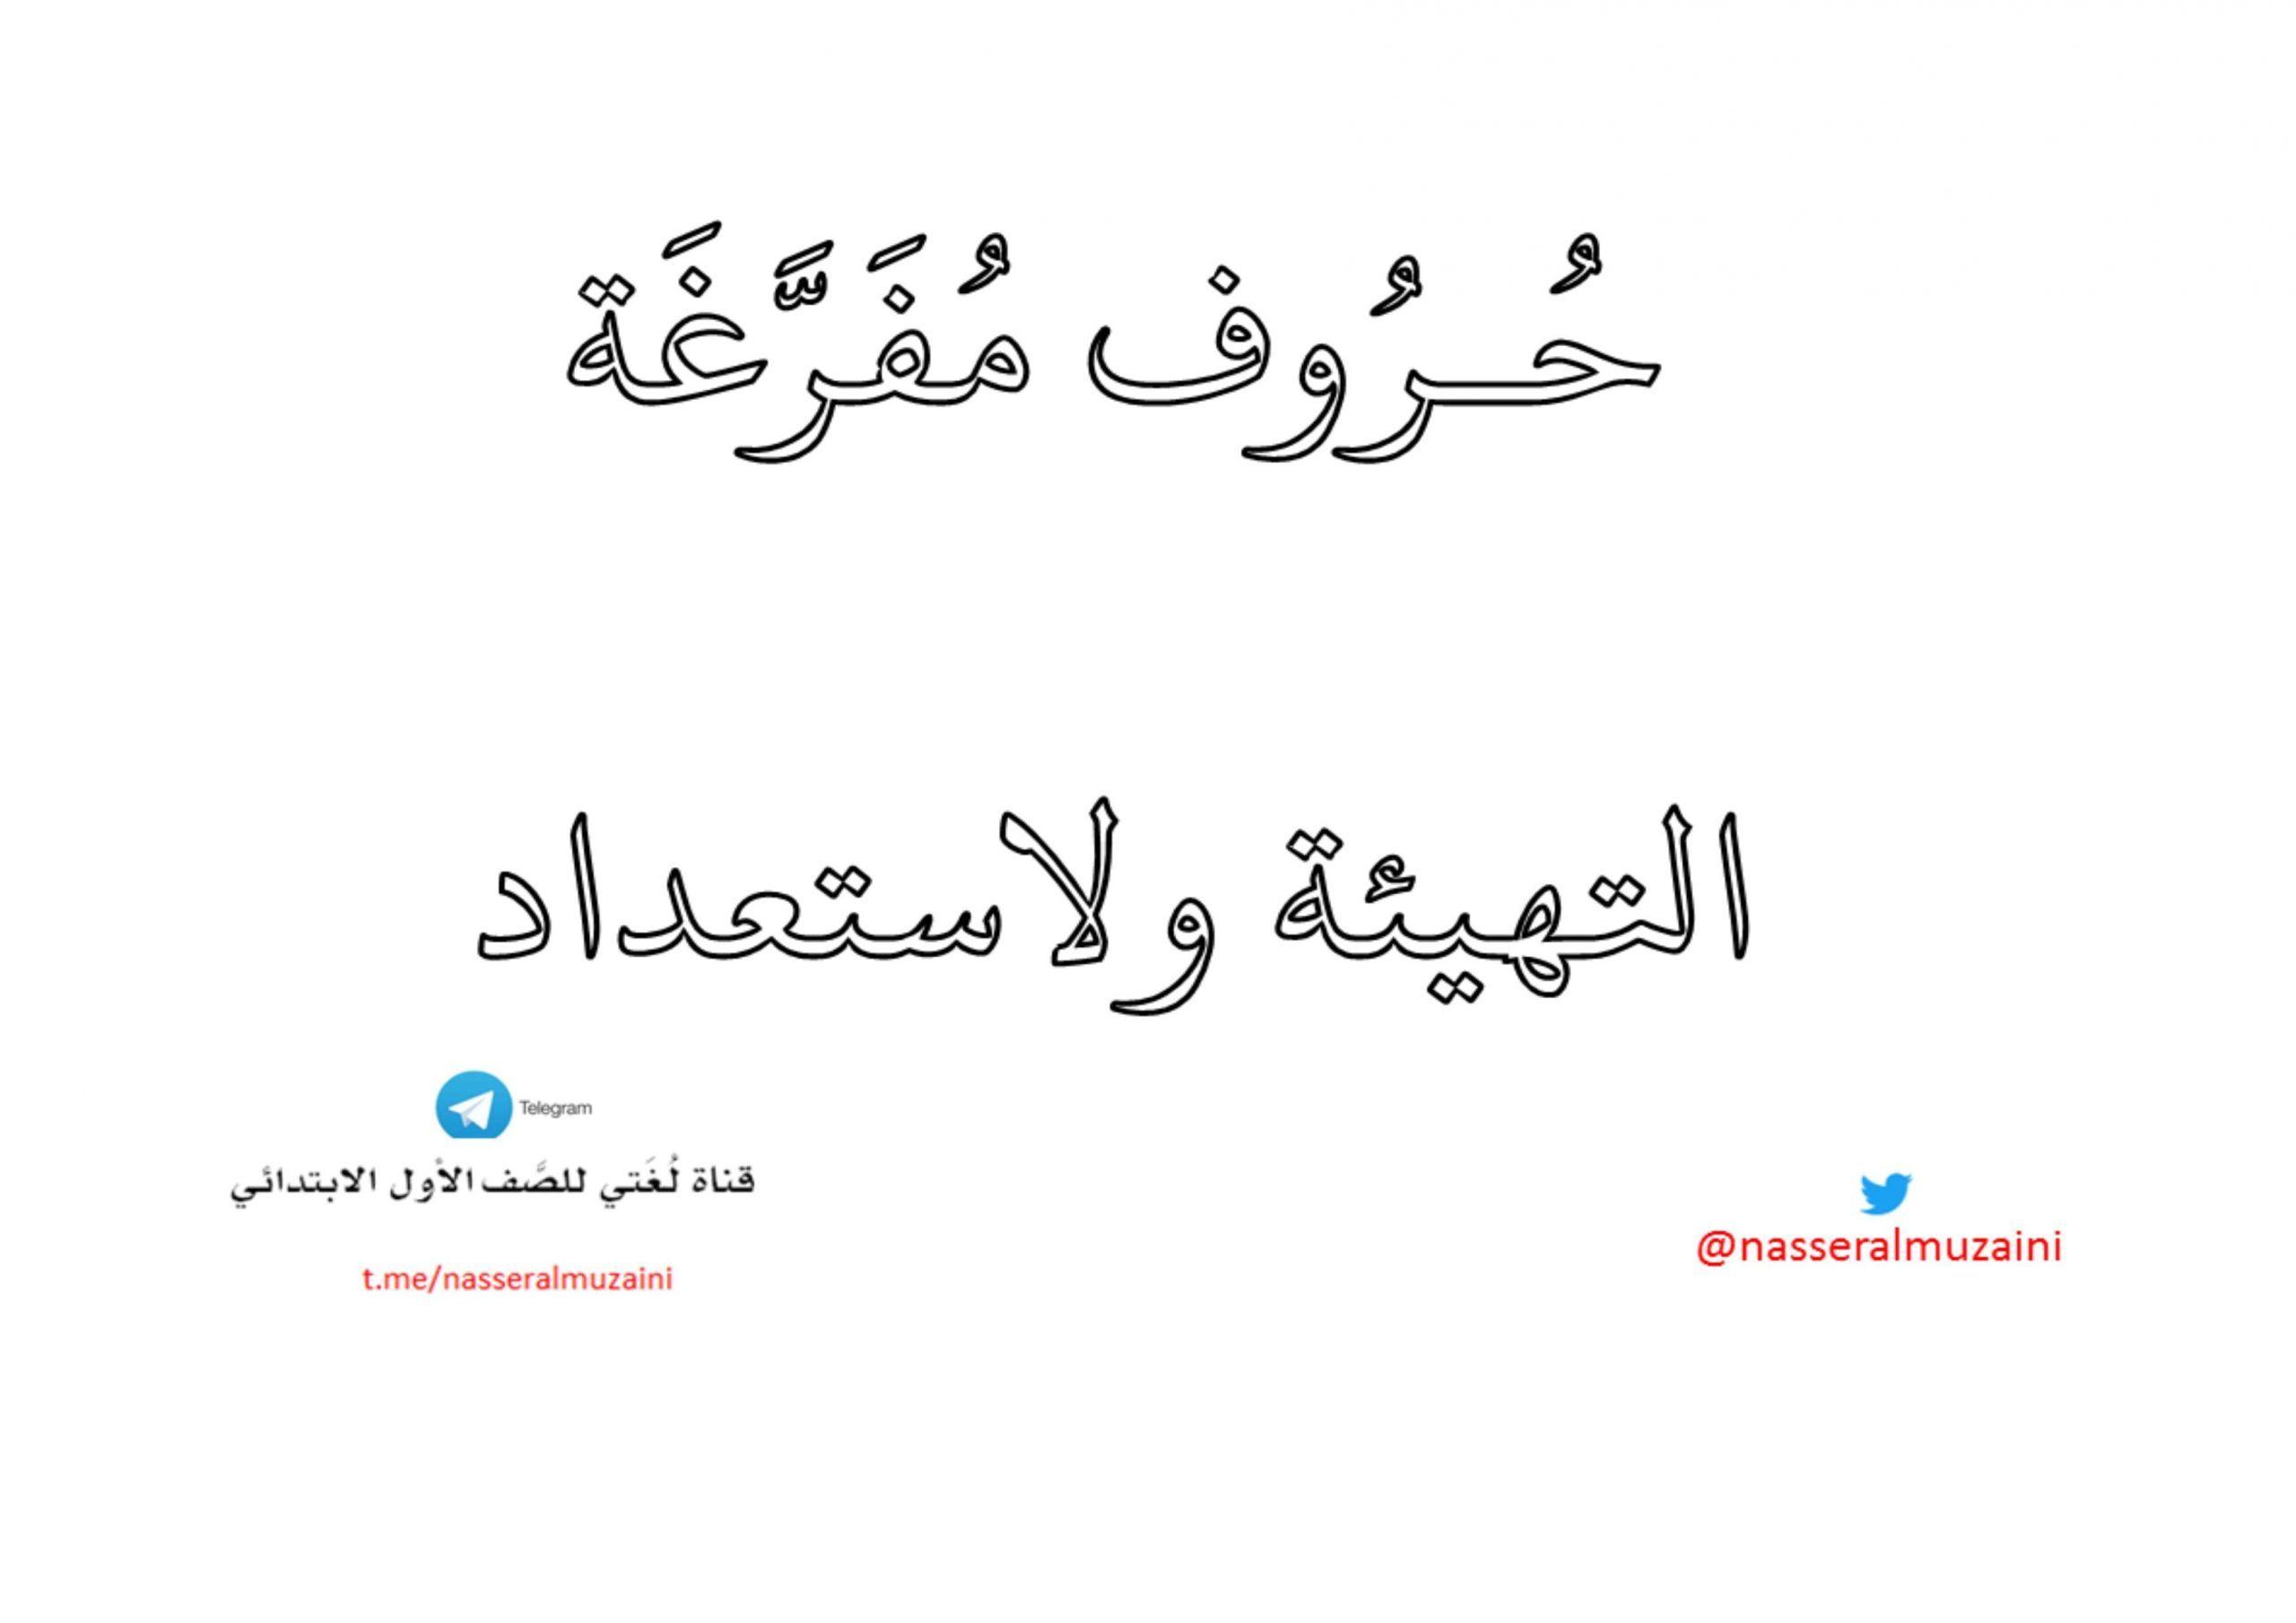 للتهيئة والاستعداد حروف مفرغة مع الحركات القصيرة Teach Arabic Teaching Arabic Calligraphy